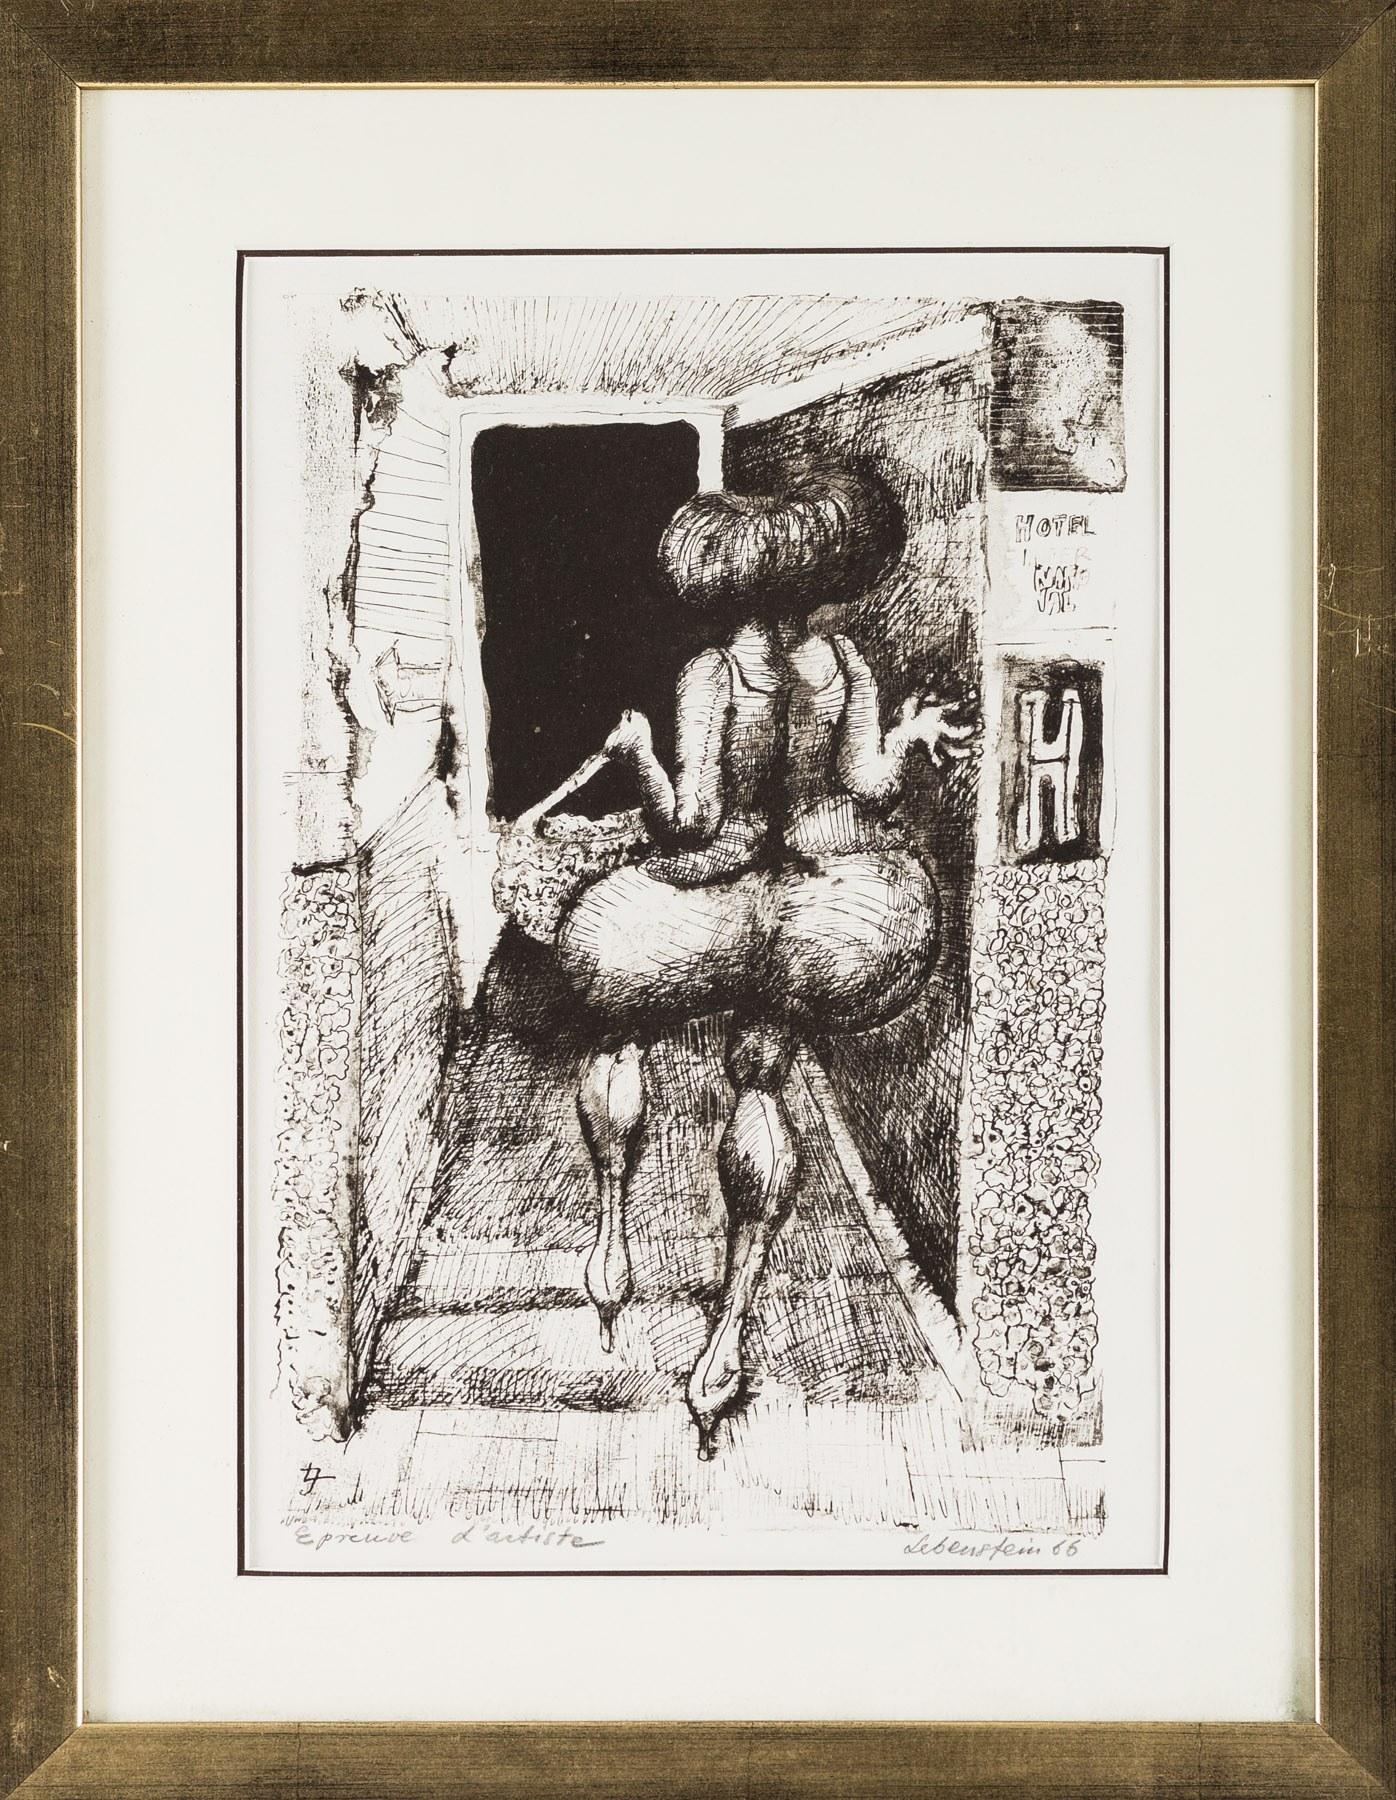 Jan Lebenstein, Ballon - Baba (Balon - Pupa), 1966